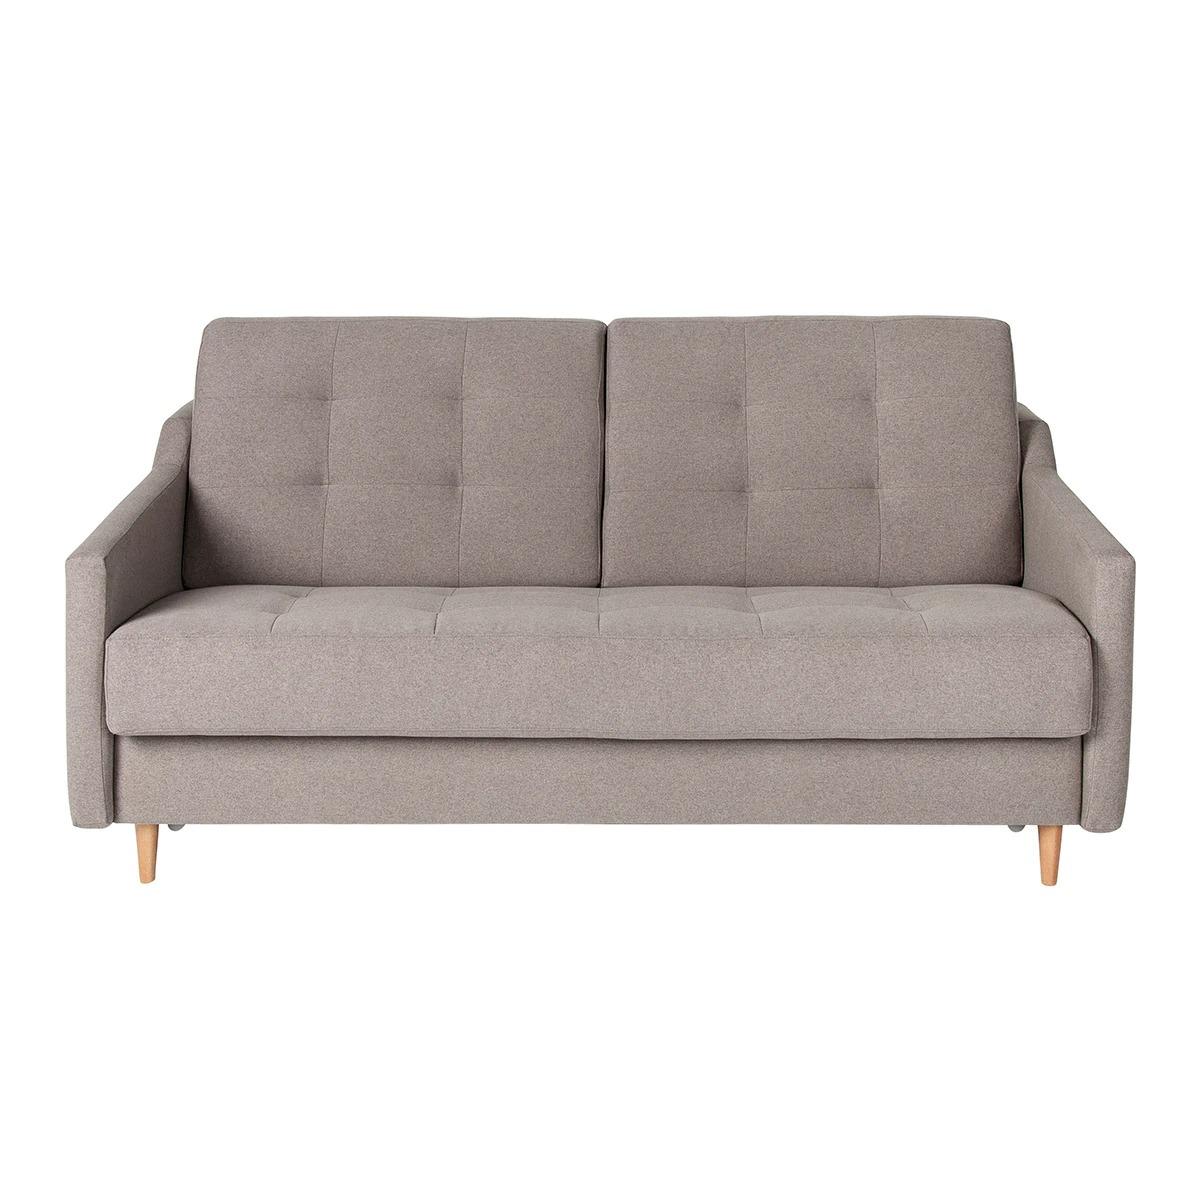 Sofá cama tapizado de 3 plazas Neris